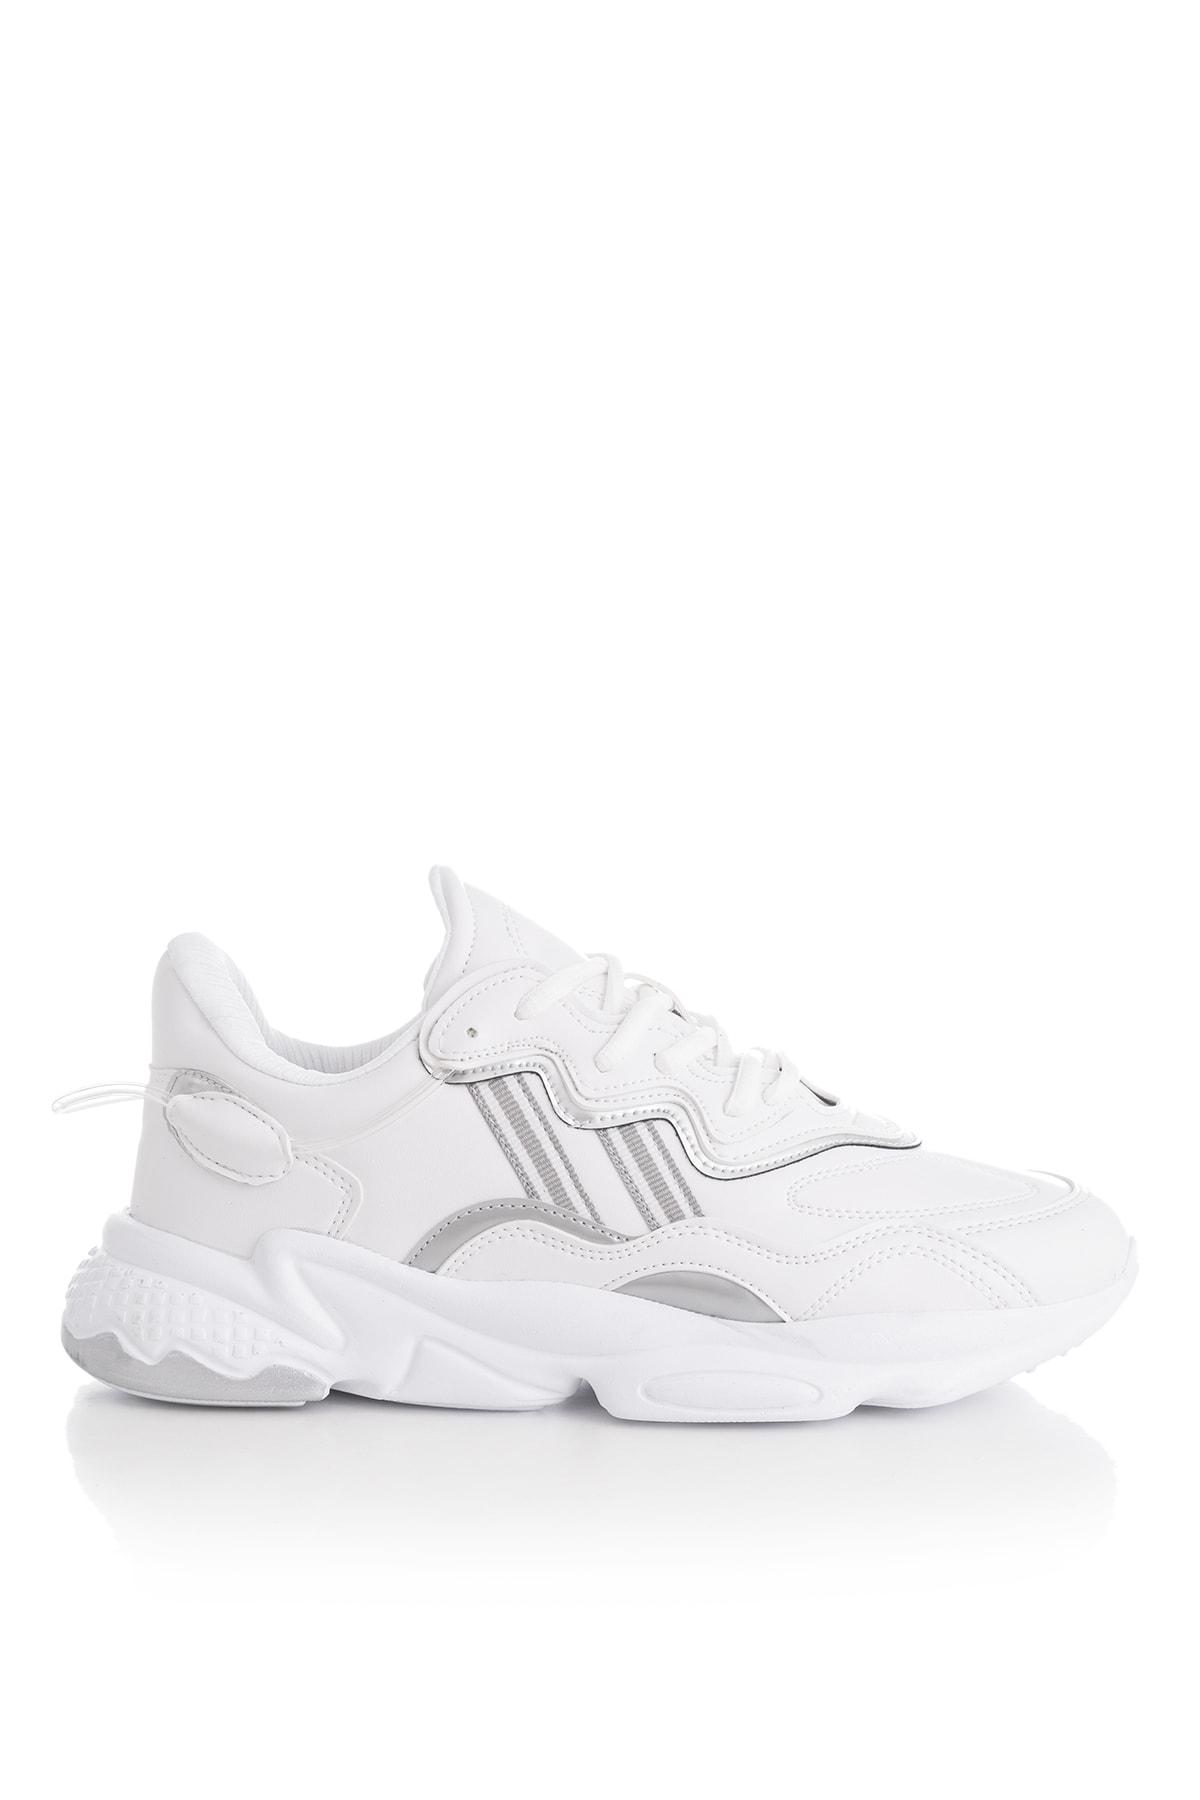 Tonny Black Unısex Spor Ayakkabı Beyaz Cilt Tb248 -> 40 -> Beyaz Cilt 2